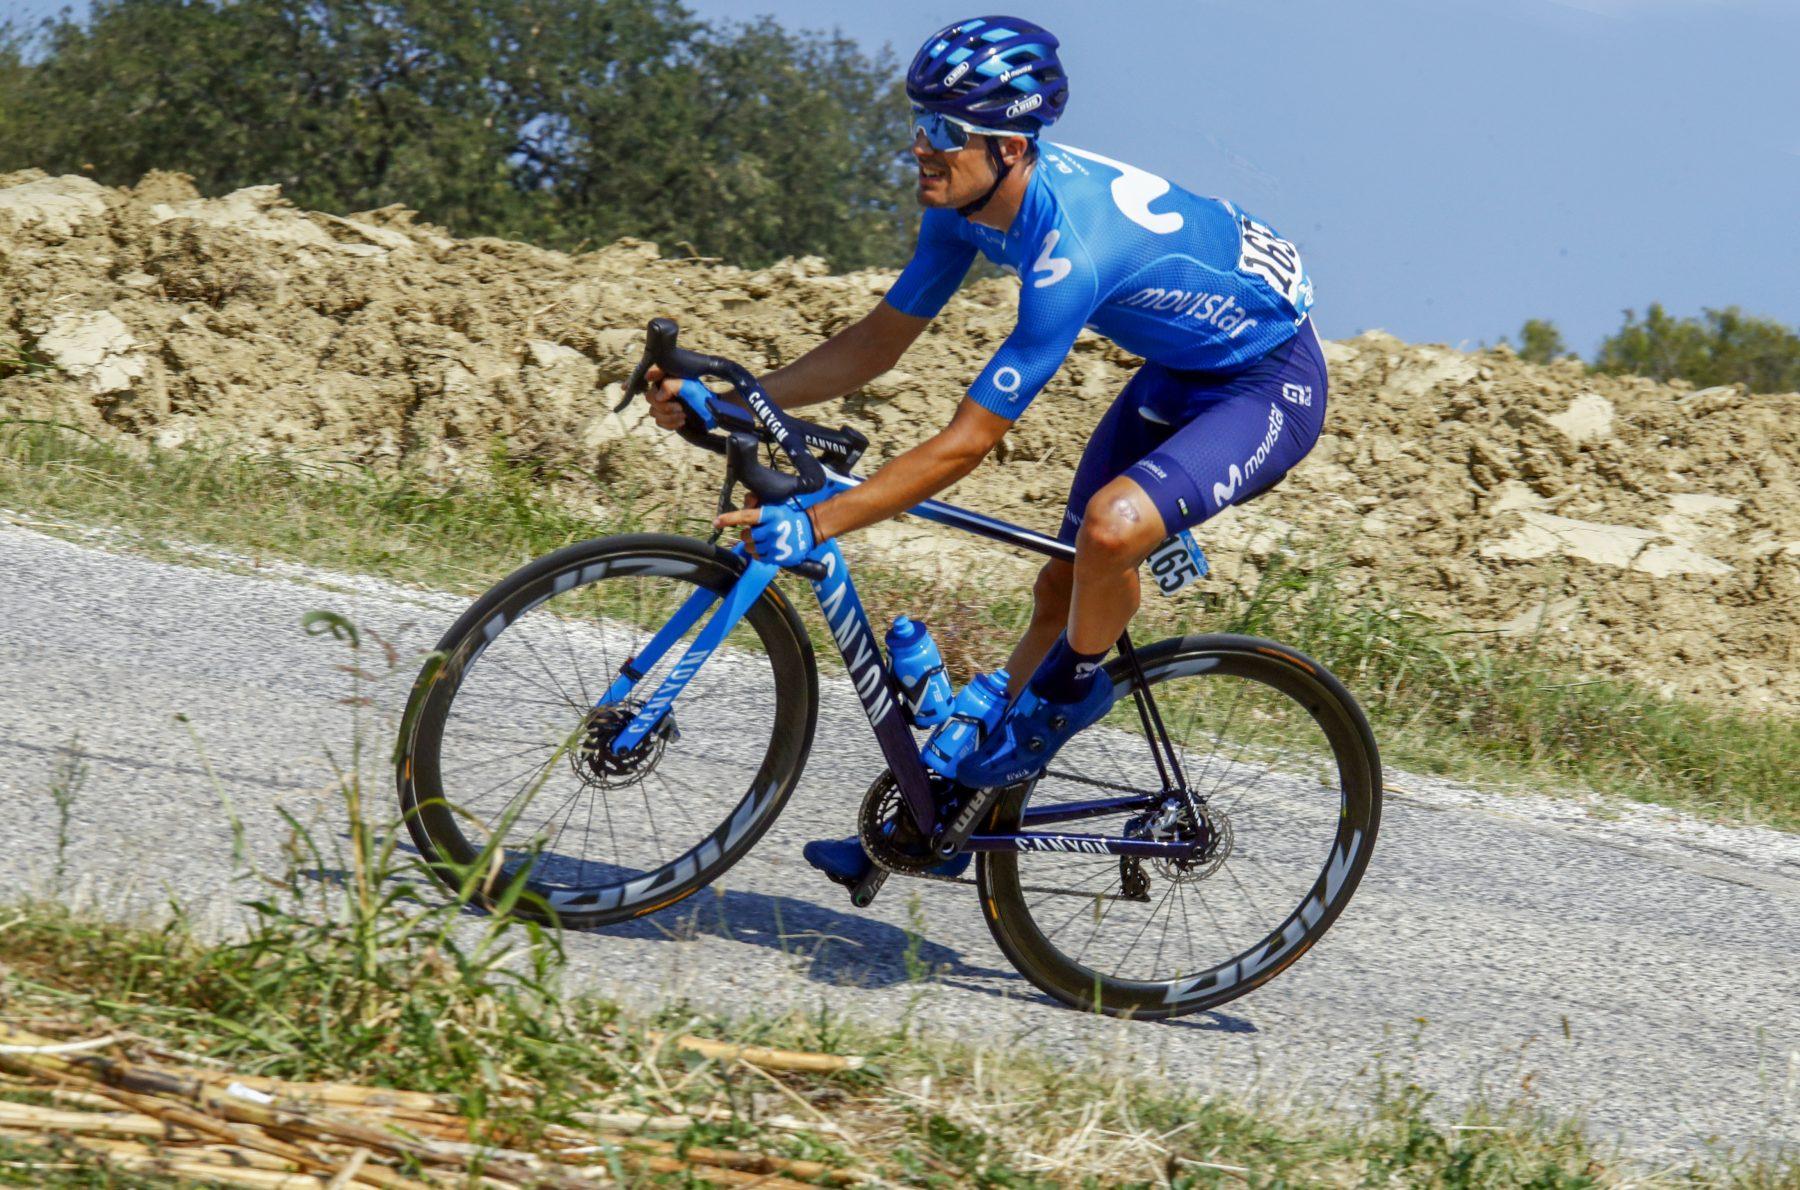 News' image'Movistar Team, en Zwift este sábado 21 (18.00h) por la seguridad de los ciclistas'